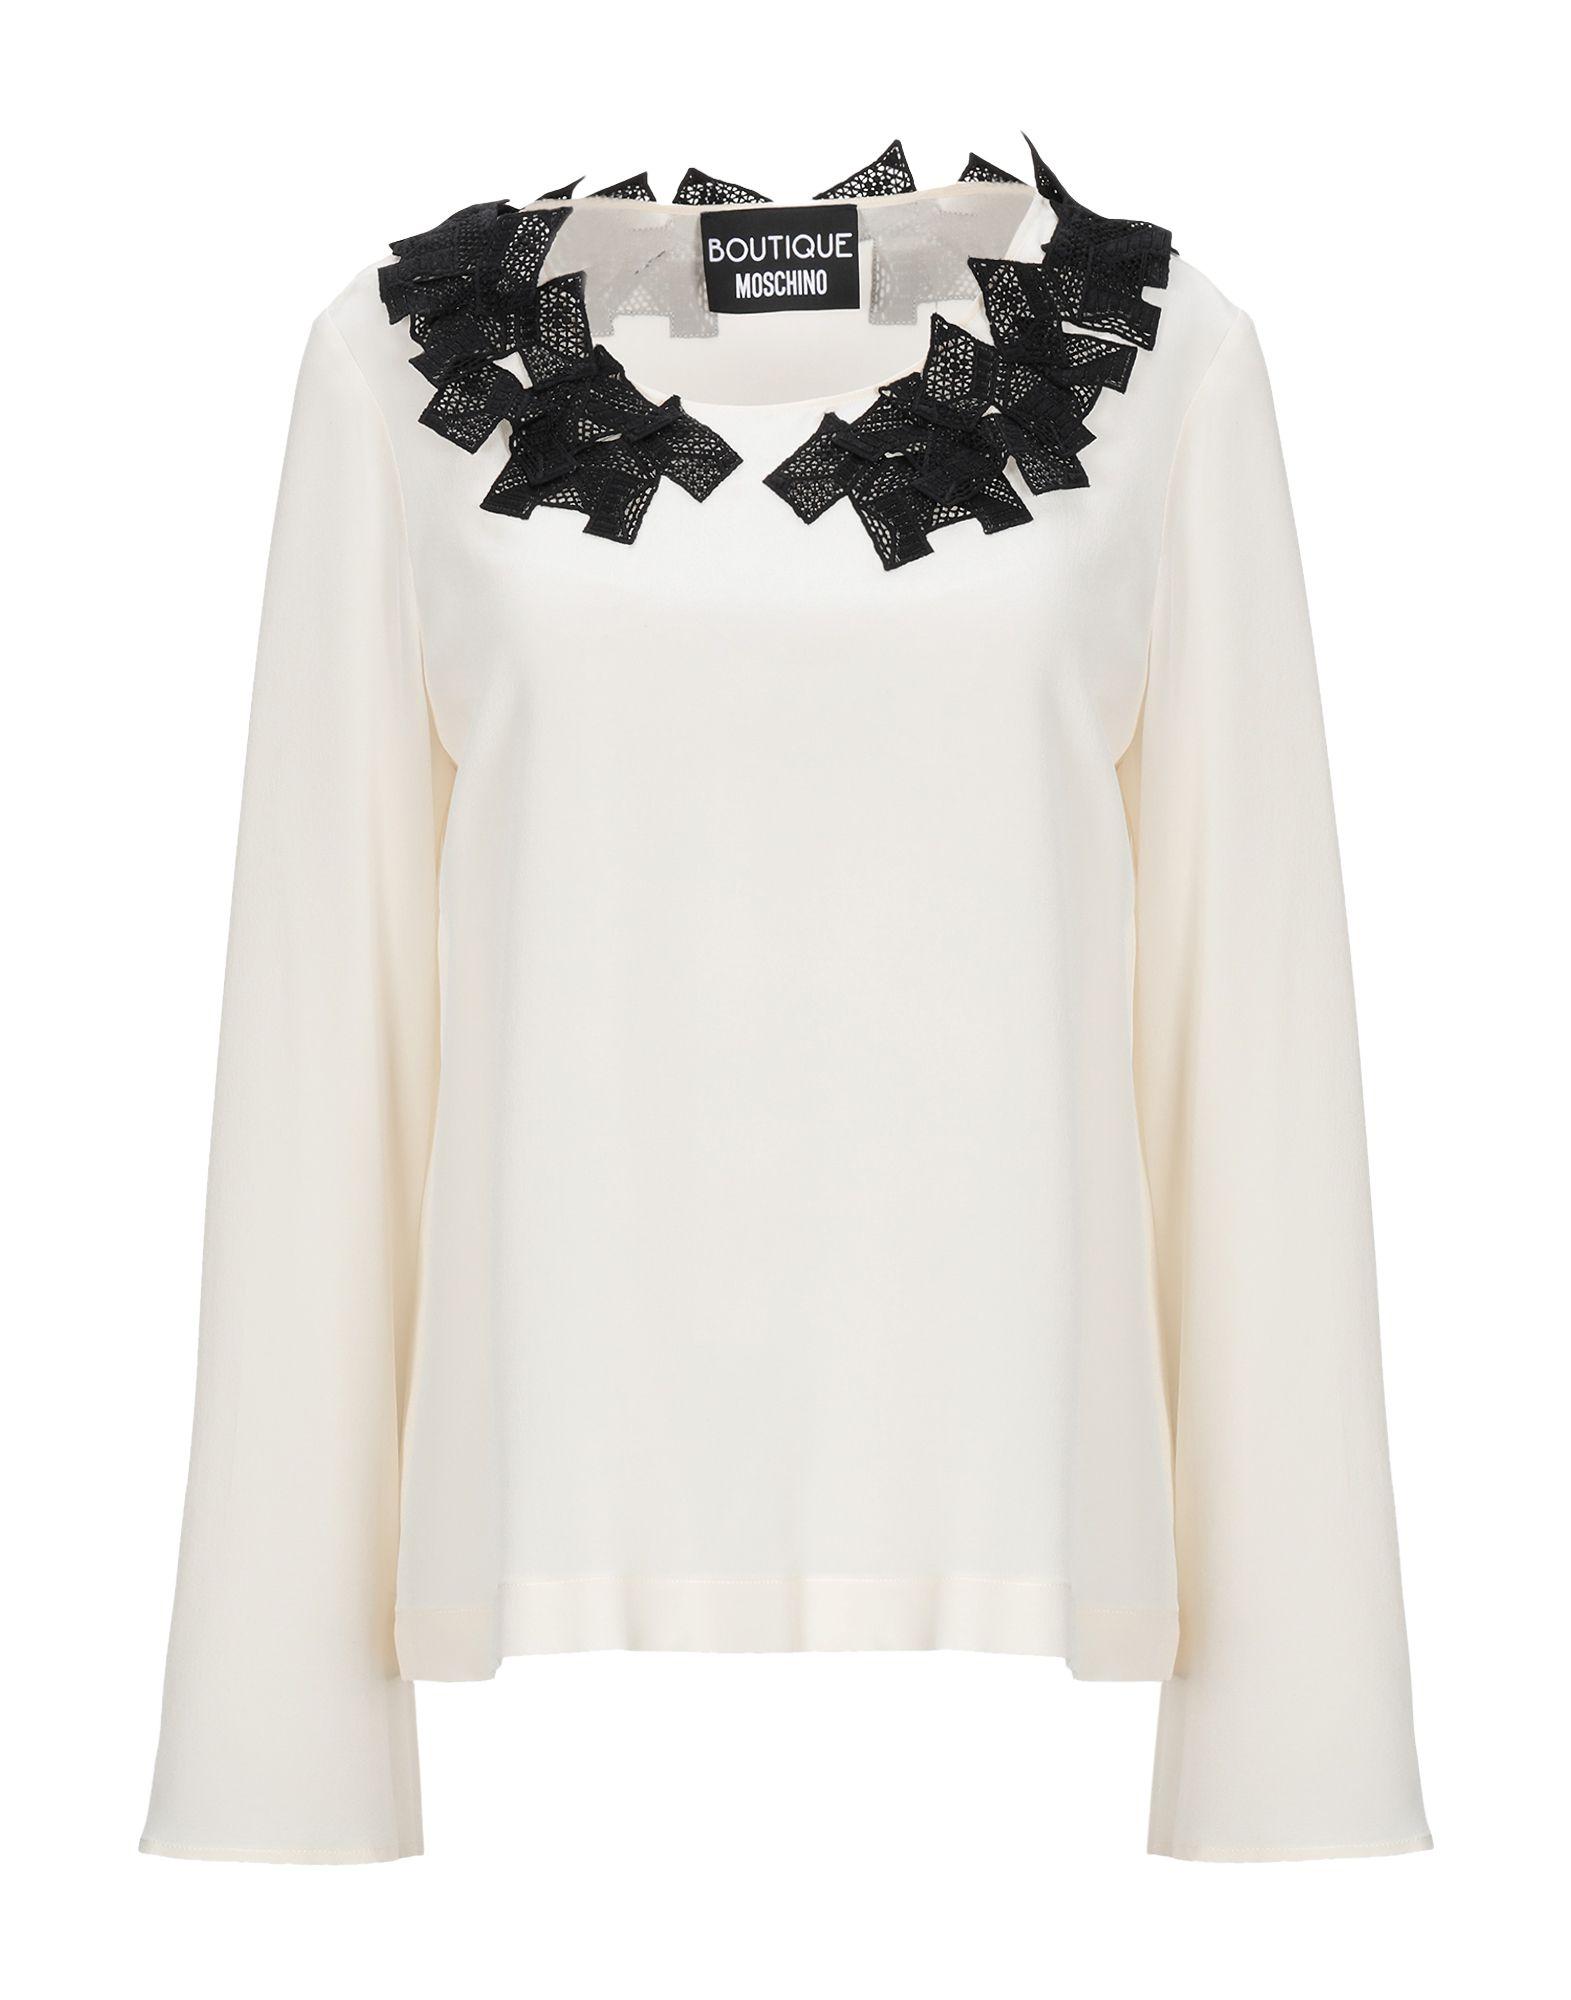 BOUTIQUE MOSCHINO Блузка блузка moschino boutique блузка